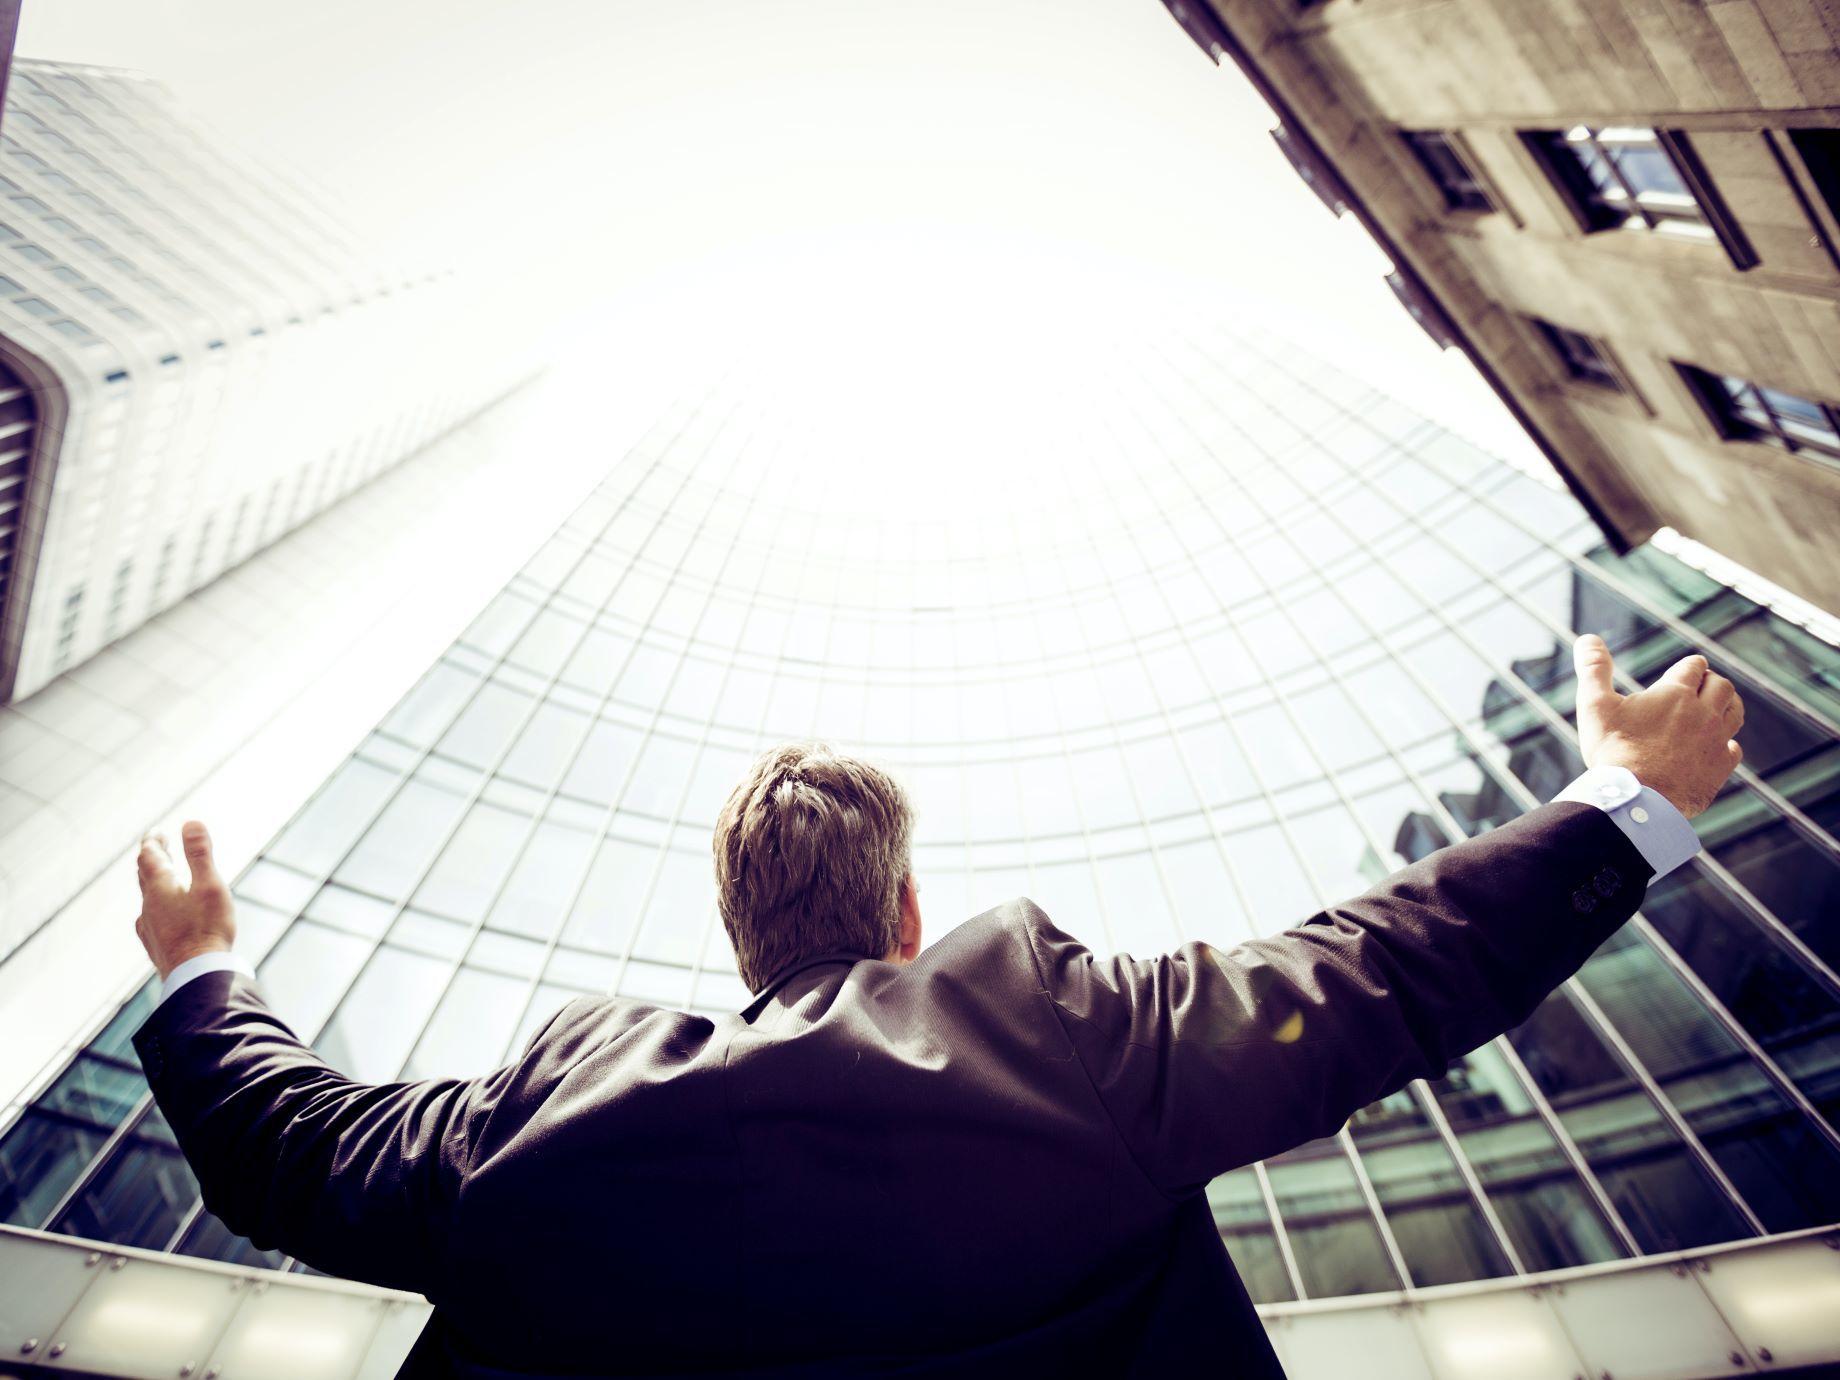 「為什麼老闆升他,不升我?」大喊不公平之前,先來看看這3大升遷評估指標你少了什麼! | SmartM 新網路科技